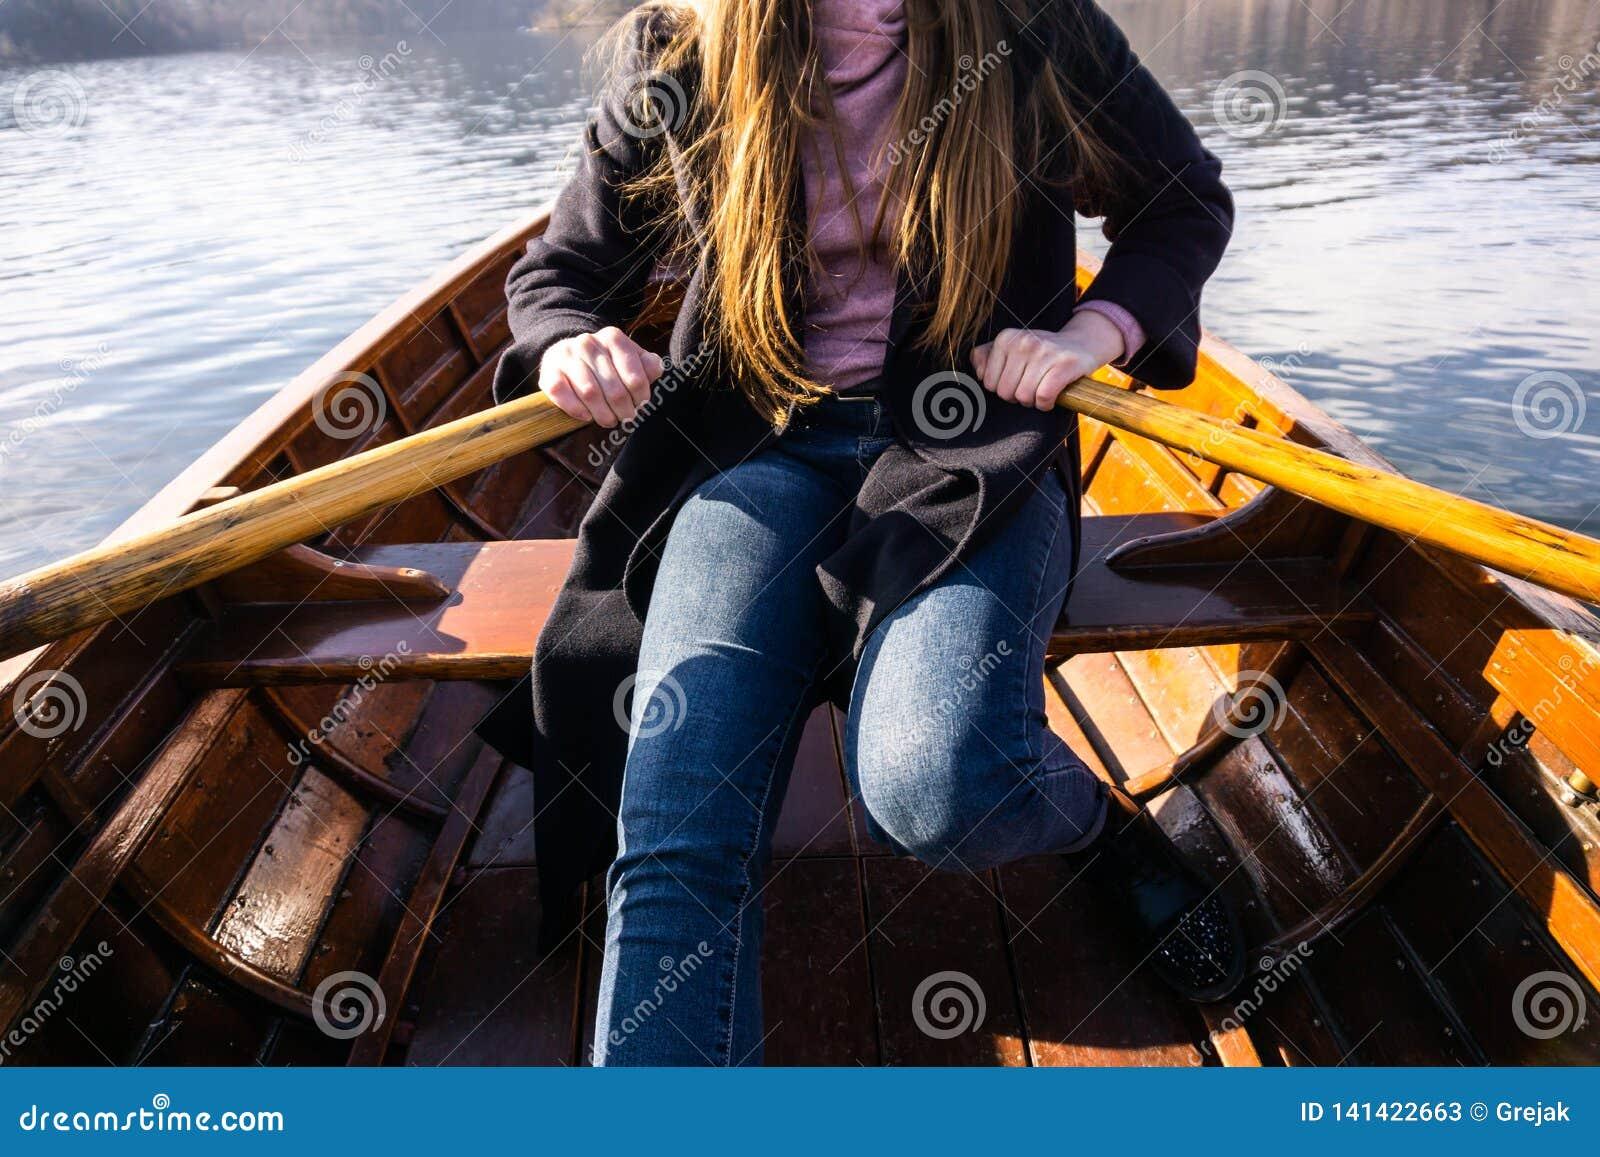 Młoda kobieta używa paddle na drewnianej łodzi - jezioro Krwawił Slovenia wioślarstwo na drewnianych łodziach